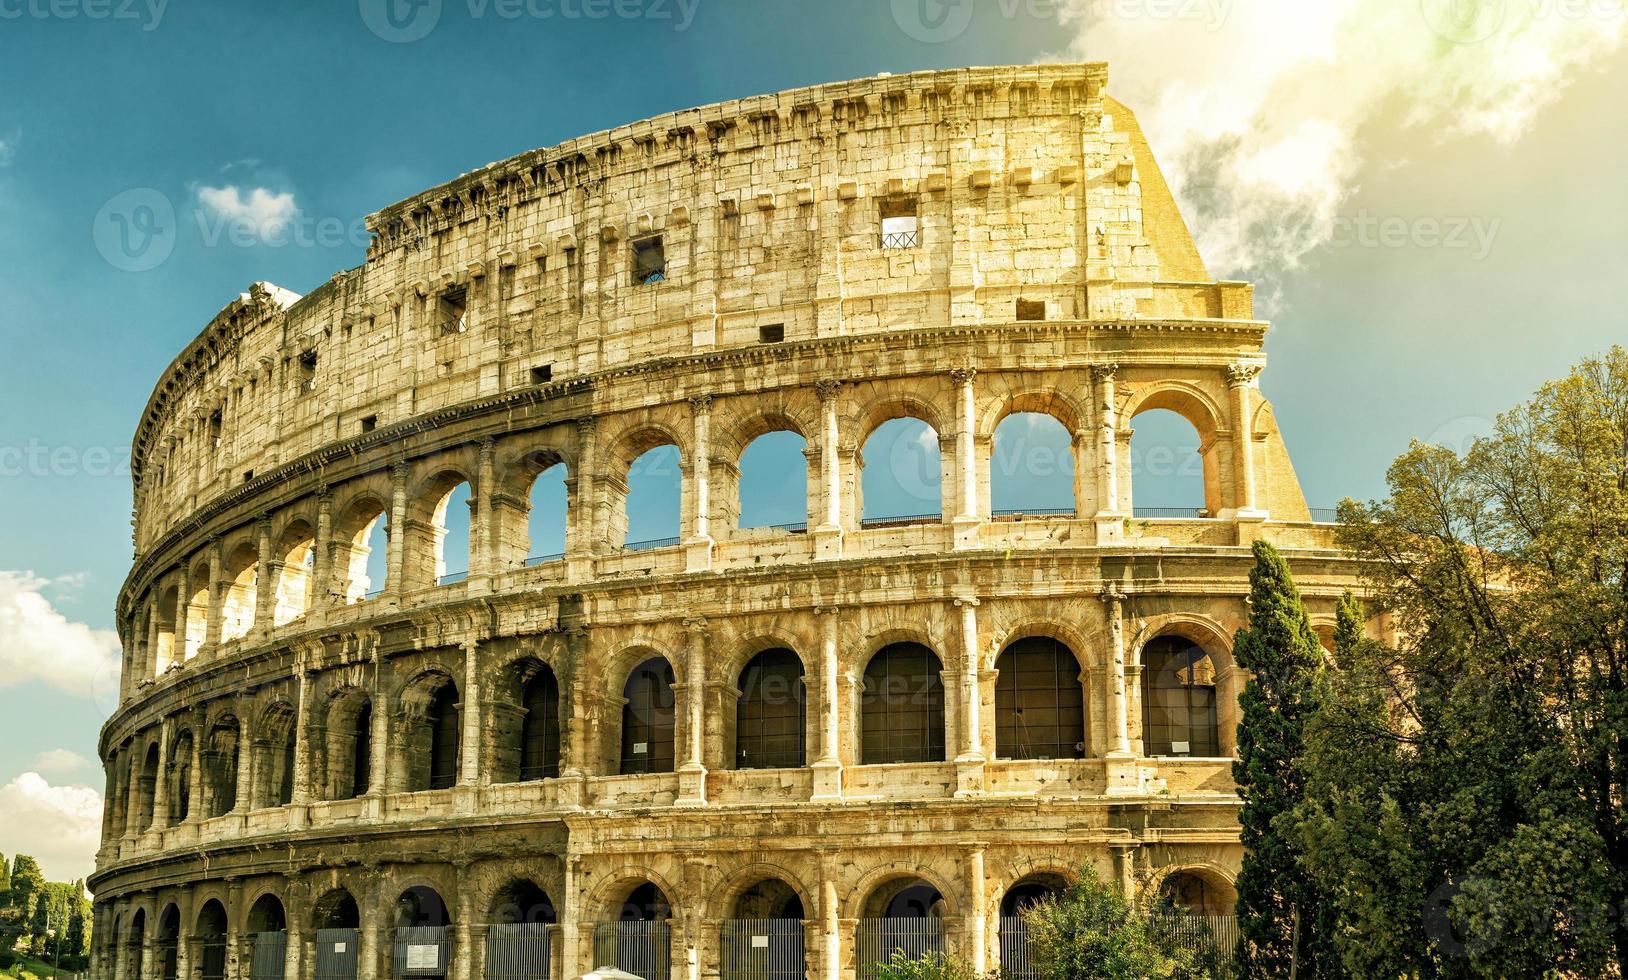 colosseum (coliseum) in rome foto